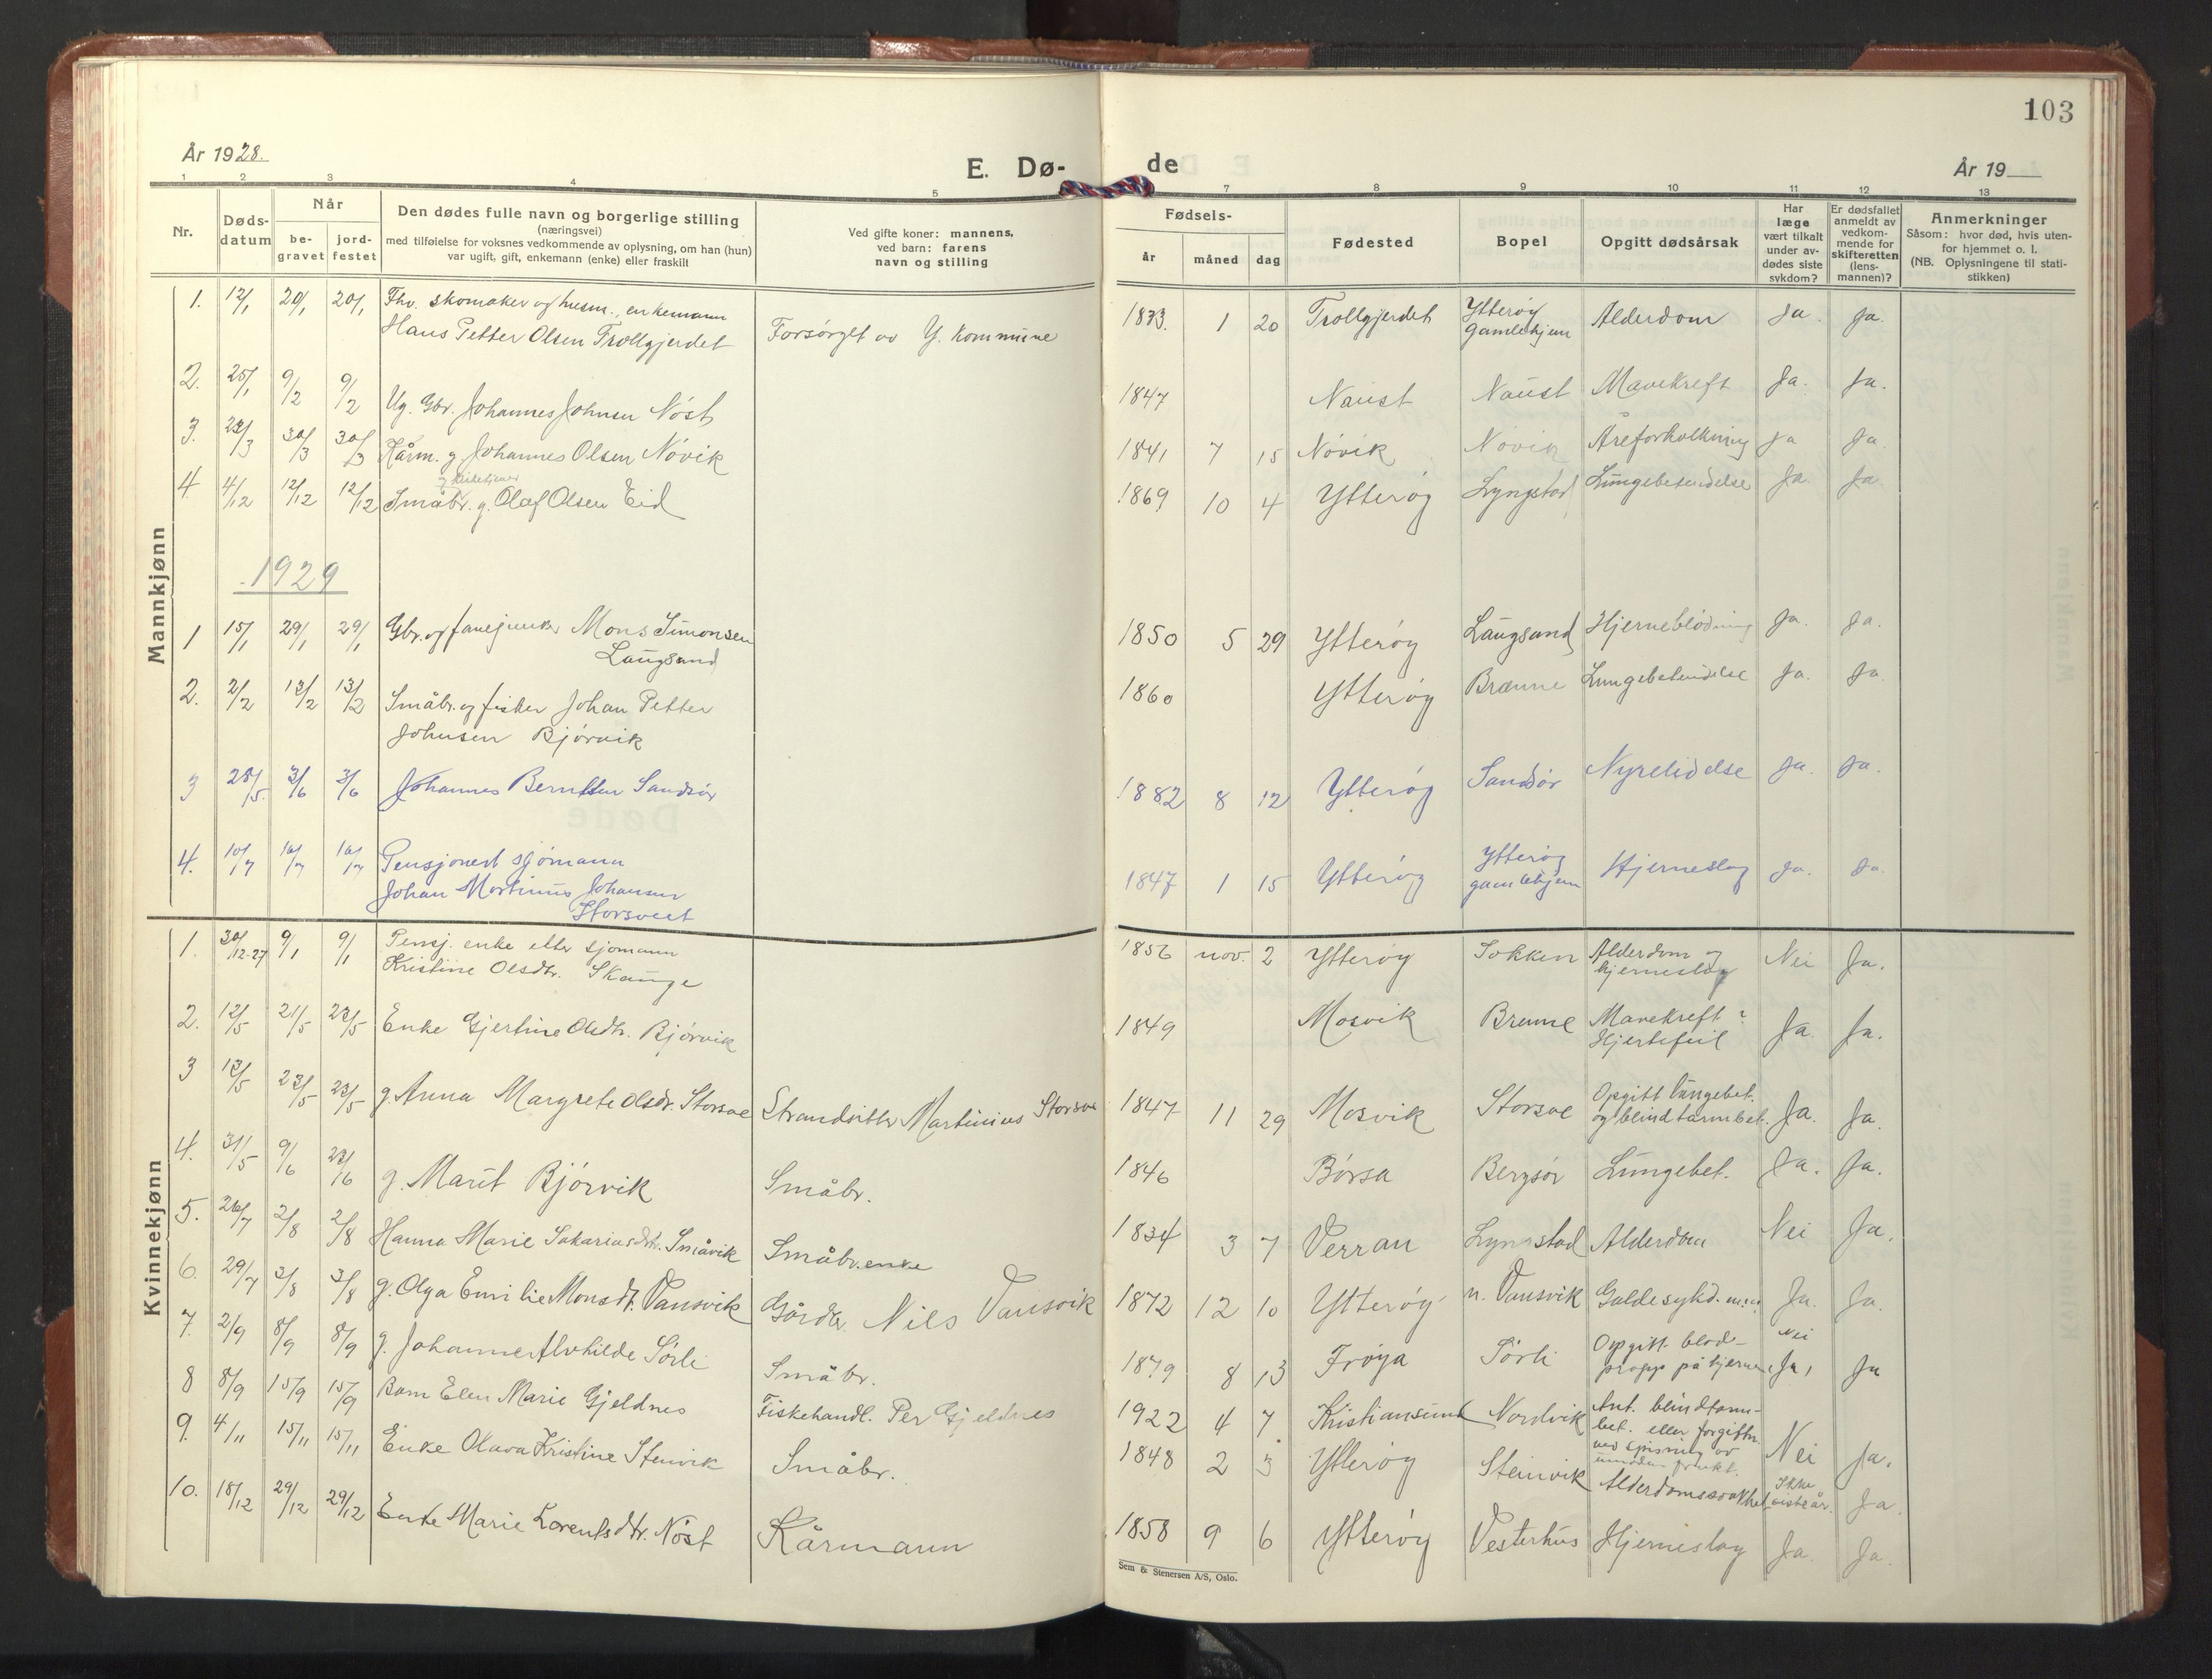 SAT, Ministerialprotokoller, klokkerbøker og fødselsregistre - Nord-Trøndelag, 722/L0227: Klokkerbok nr. 722C03, 1928-1958, s. 103